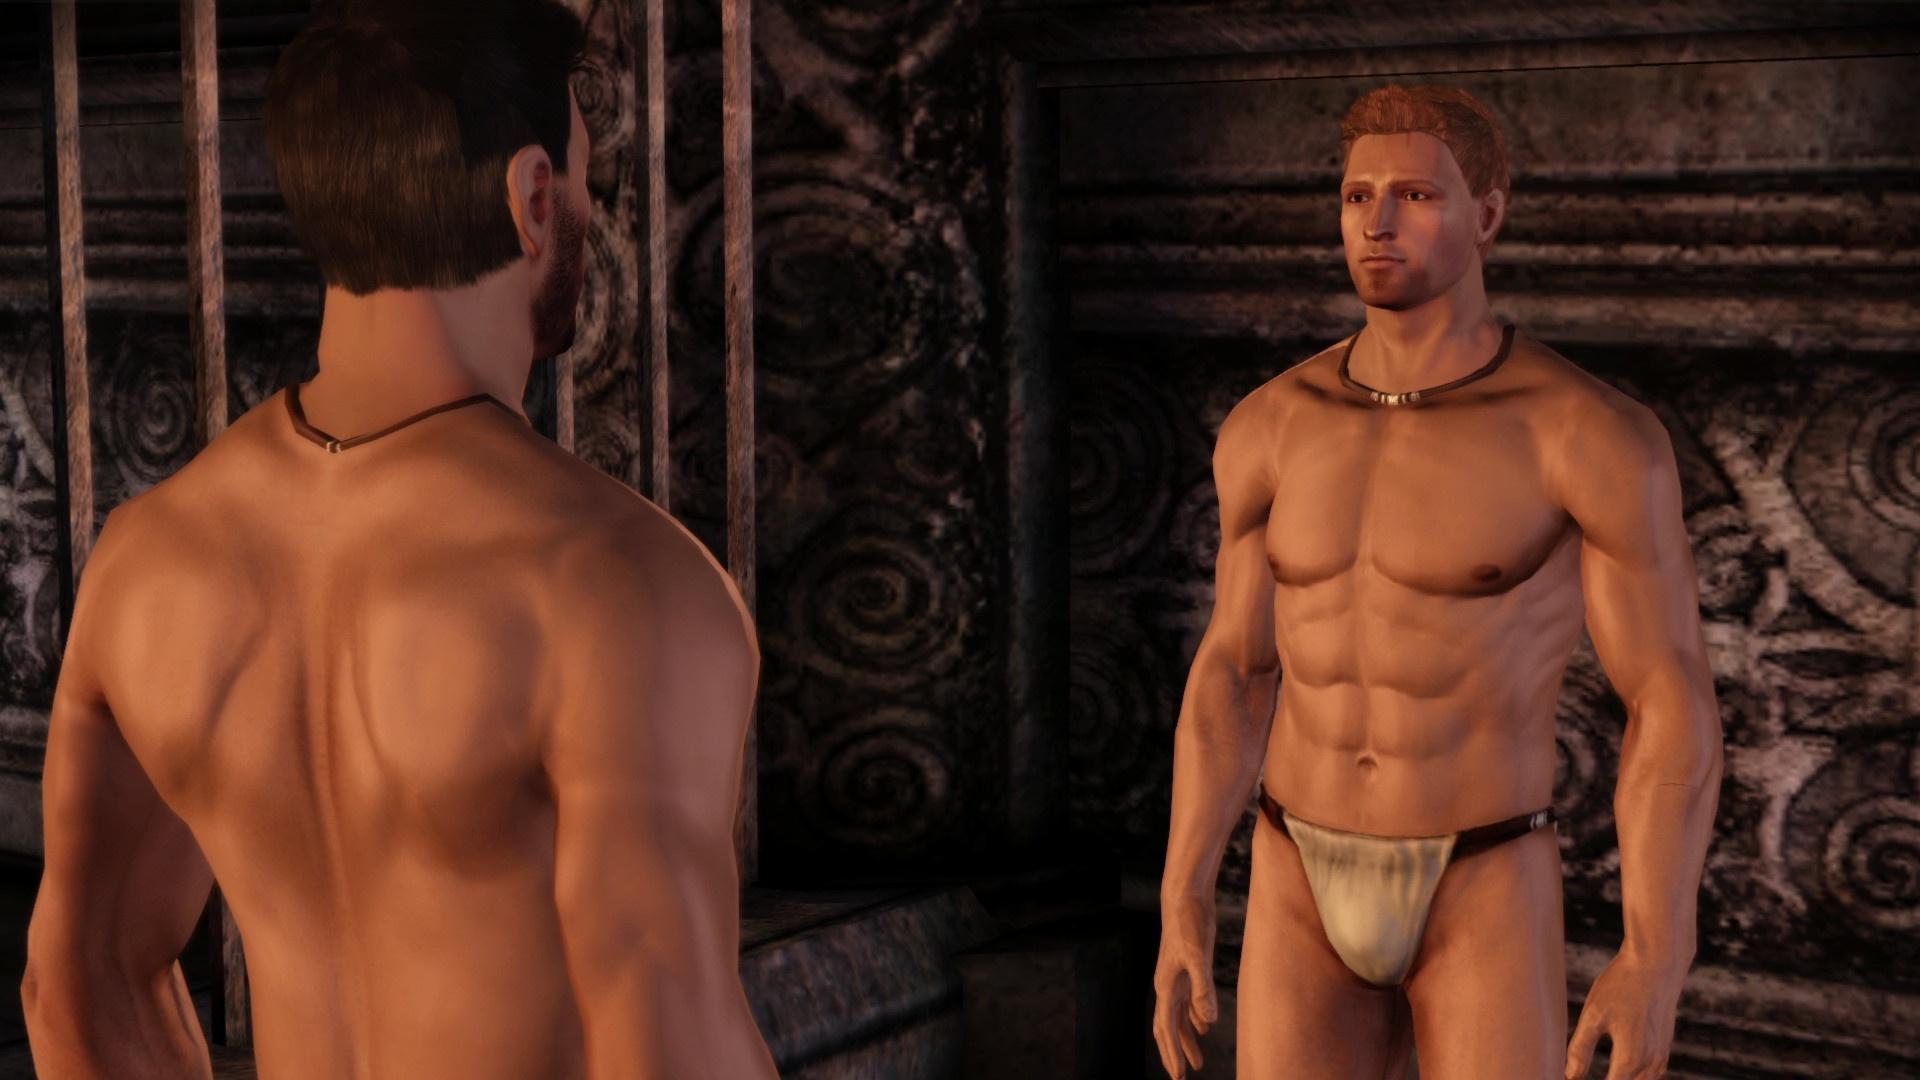 Actuacion Porno Gay cuál es el mejor juego porno gay? - quora